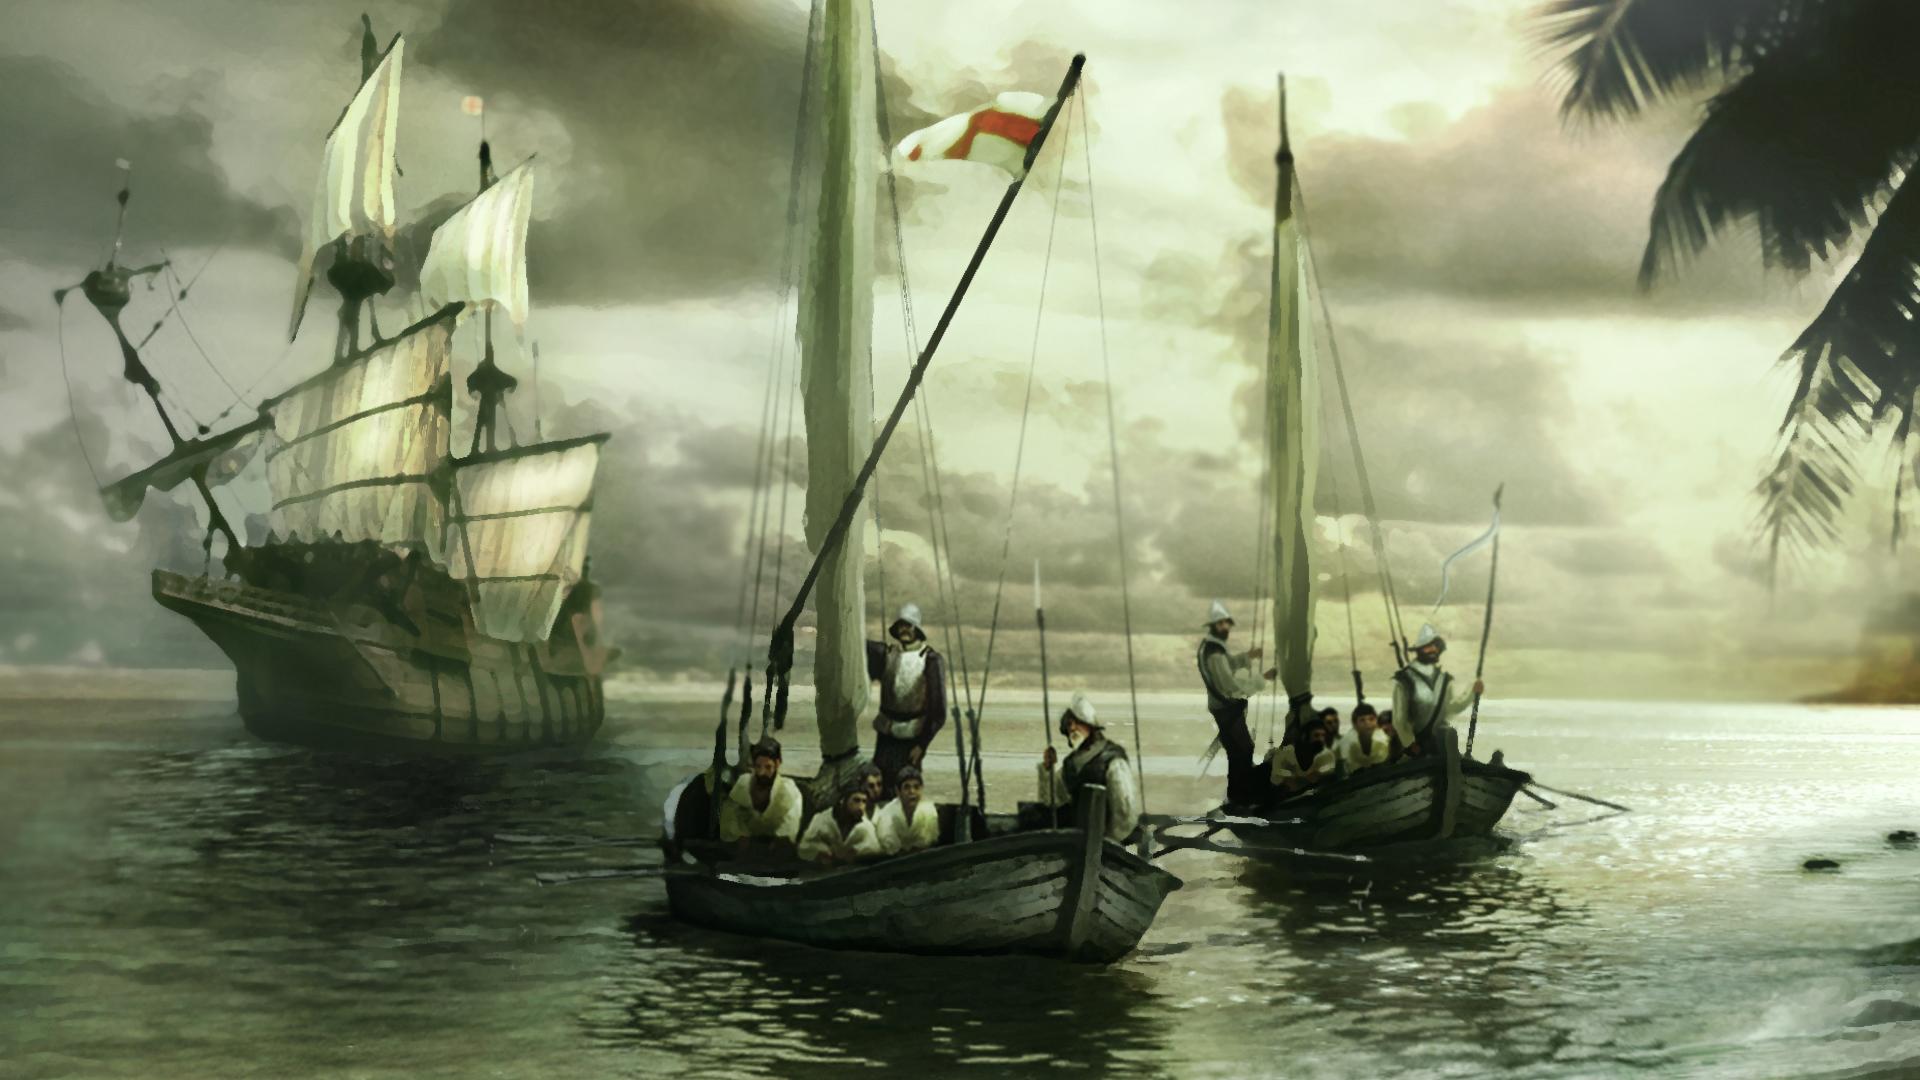 Expeditions: Conquistador Fc10b6536dc6973905200fe9d3964d53e57f950c